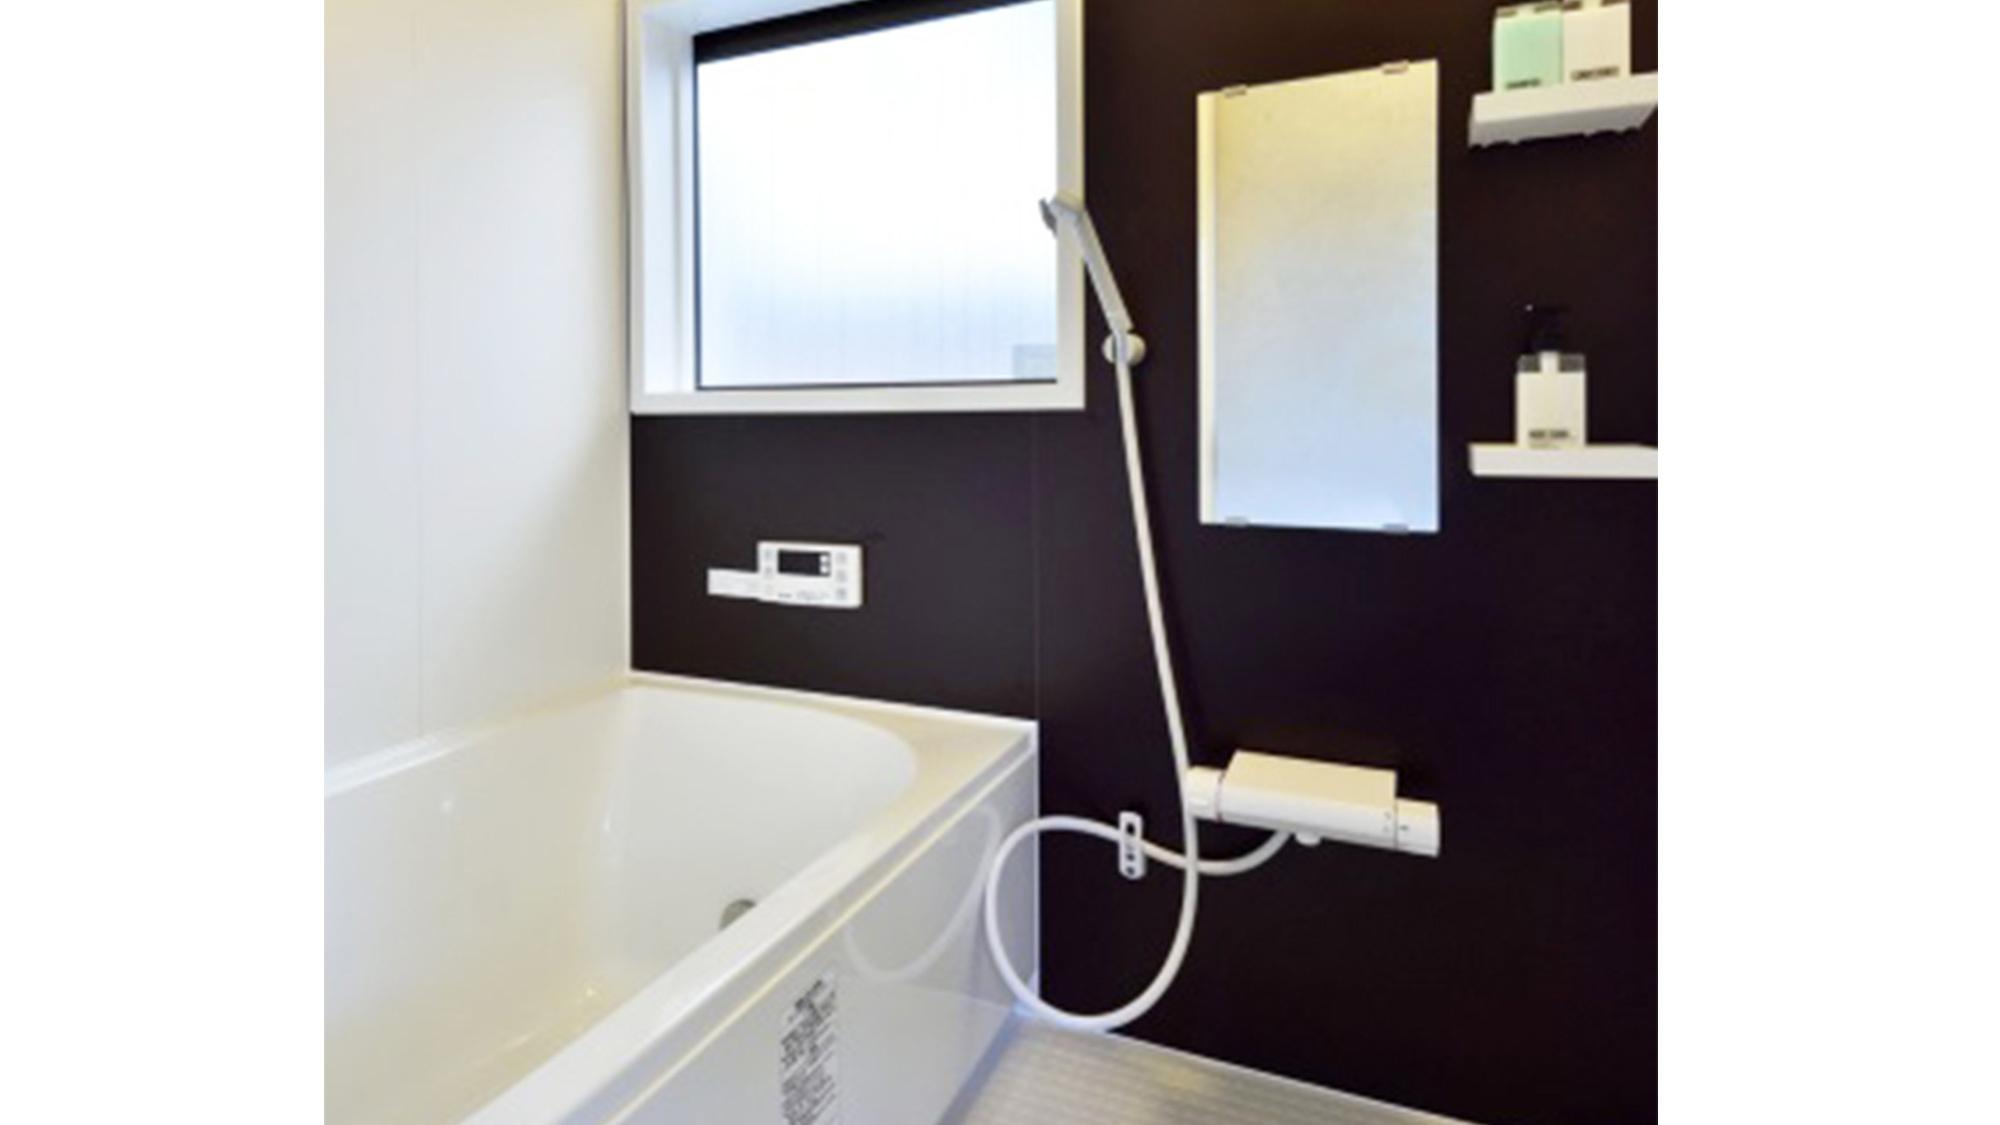 ・<浴室>ファインバブルシャワーが放出されるシャワーヘッドを採用